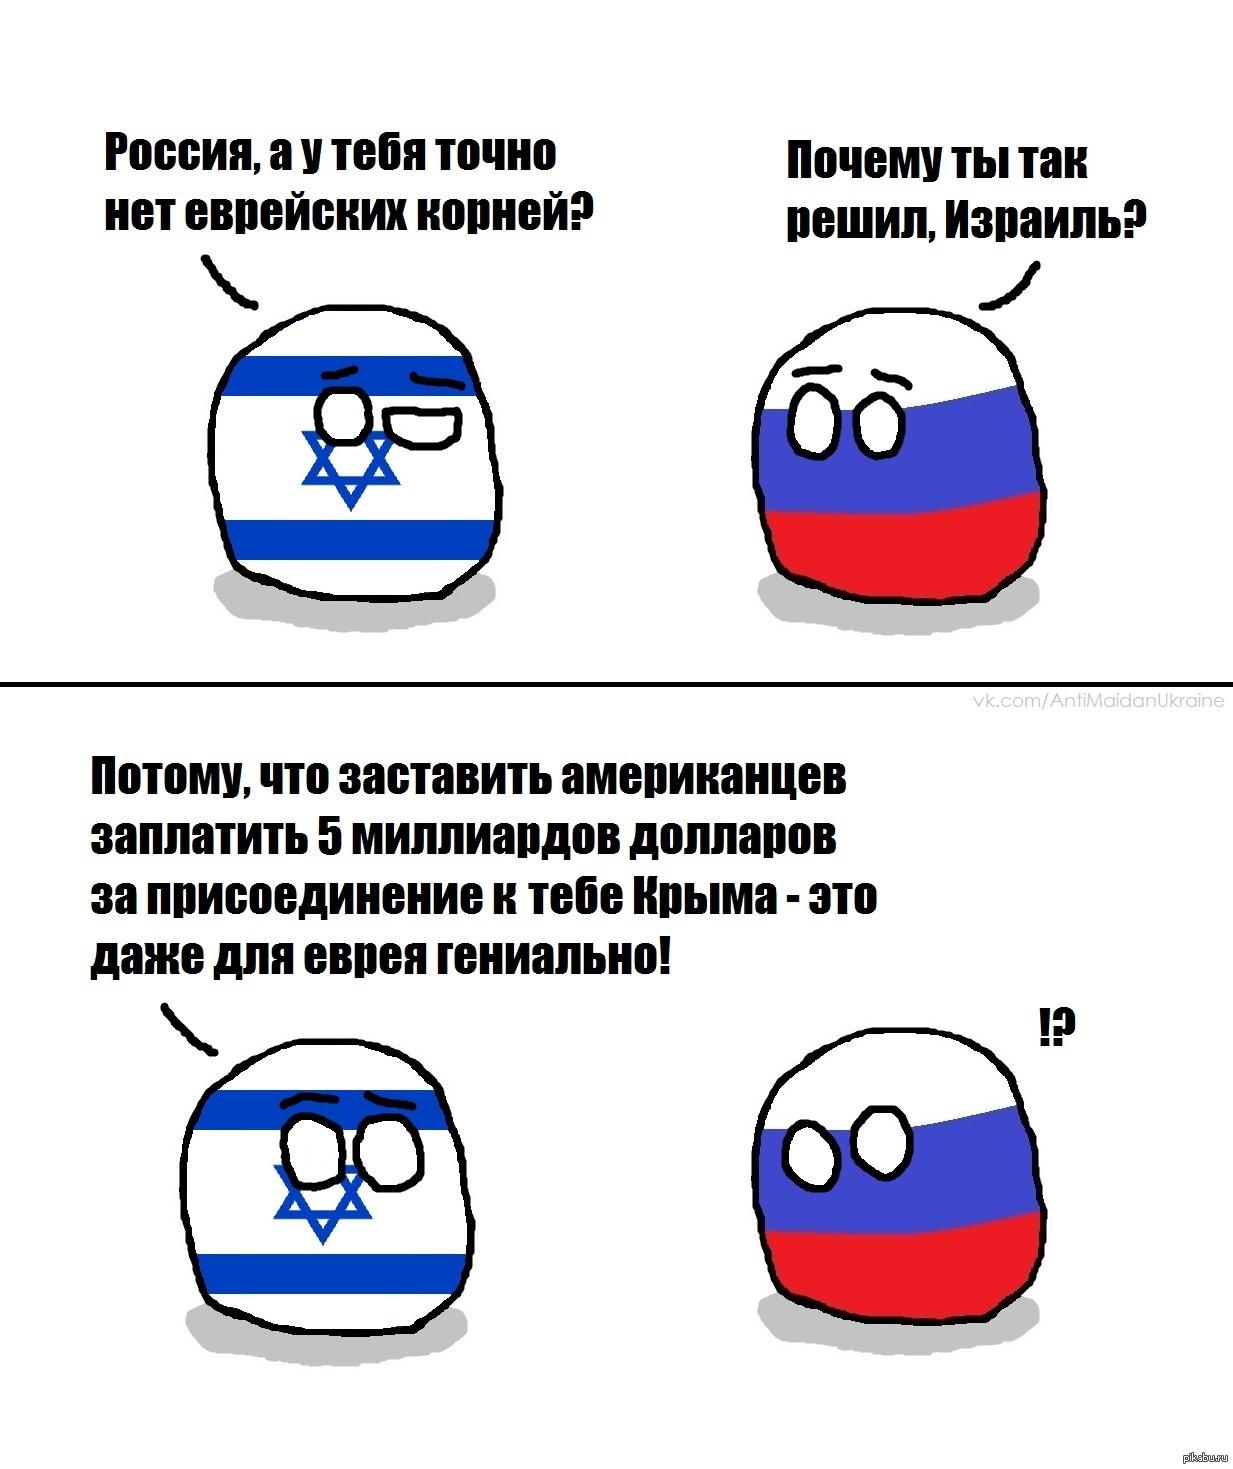 Израиль юмор в картинках